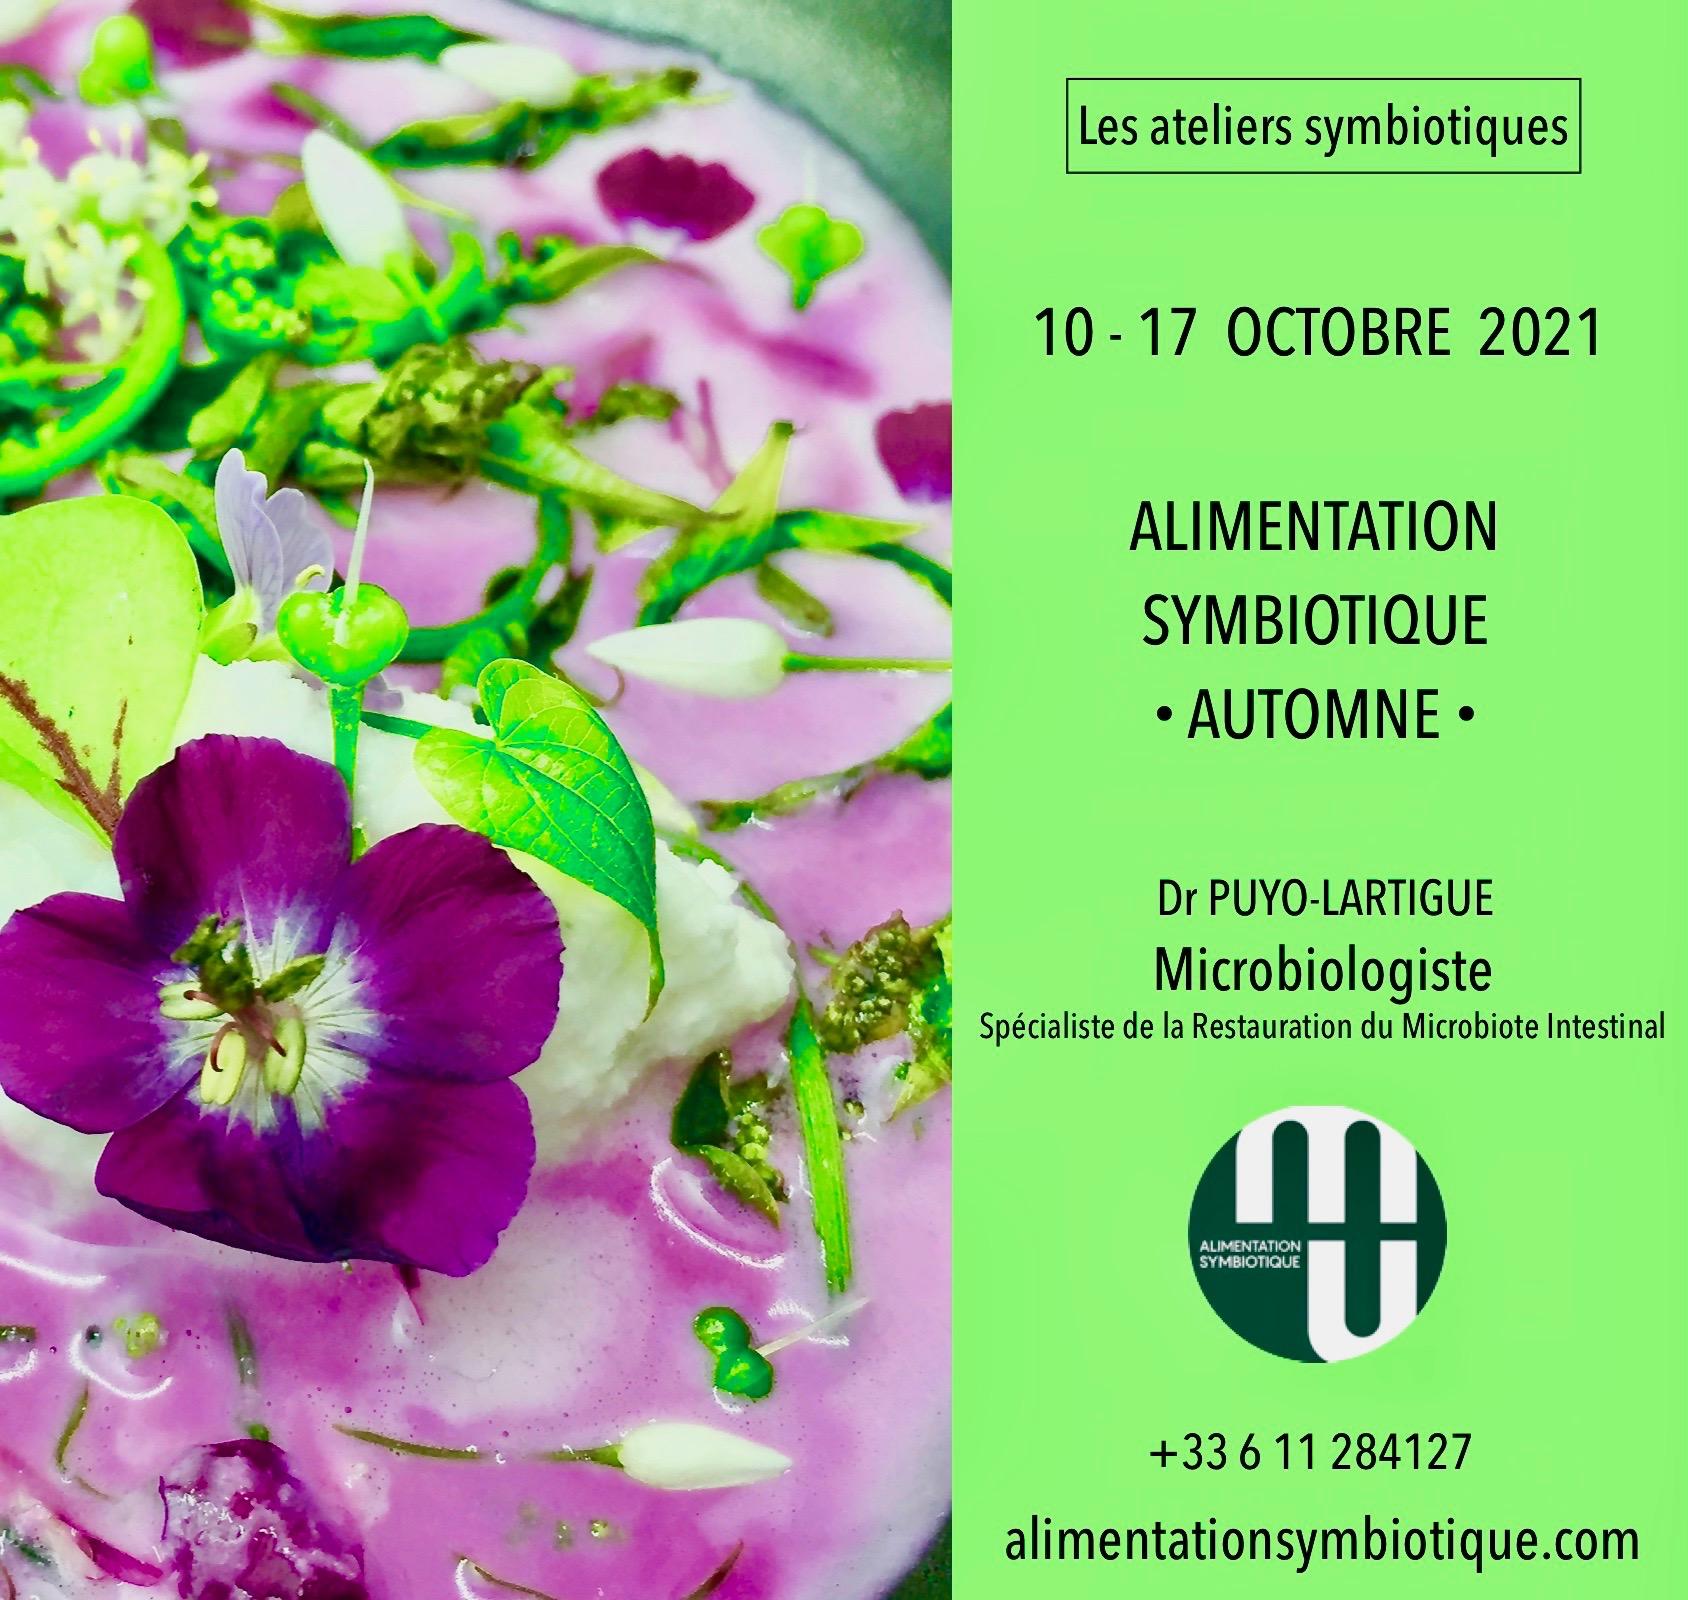 Affiche alimentation symbiotique 10-17 octobre 2021 2